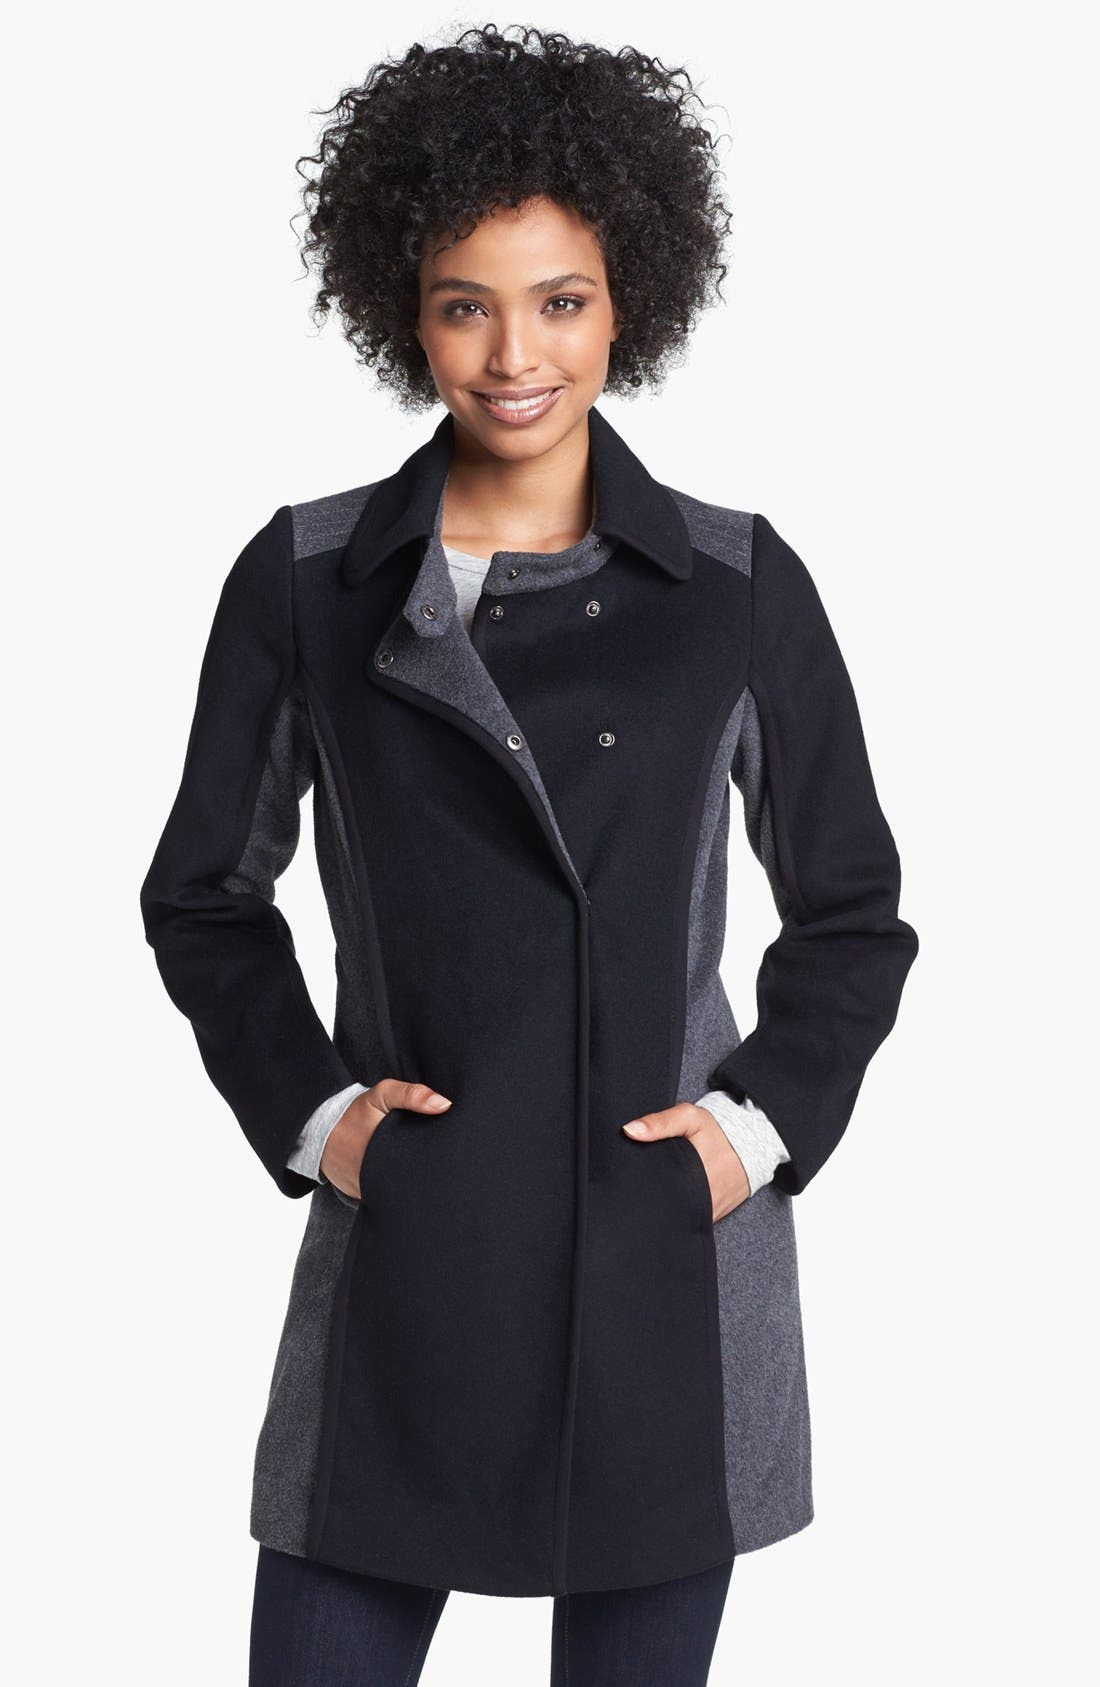 Main Image - Kristen Blake Two Tone Wool Blend Walking Coat (Nordstrom Exclusive)